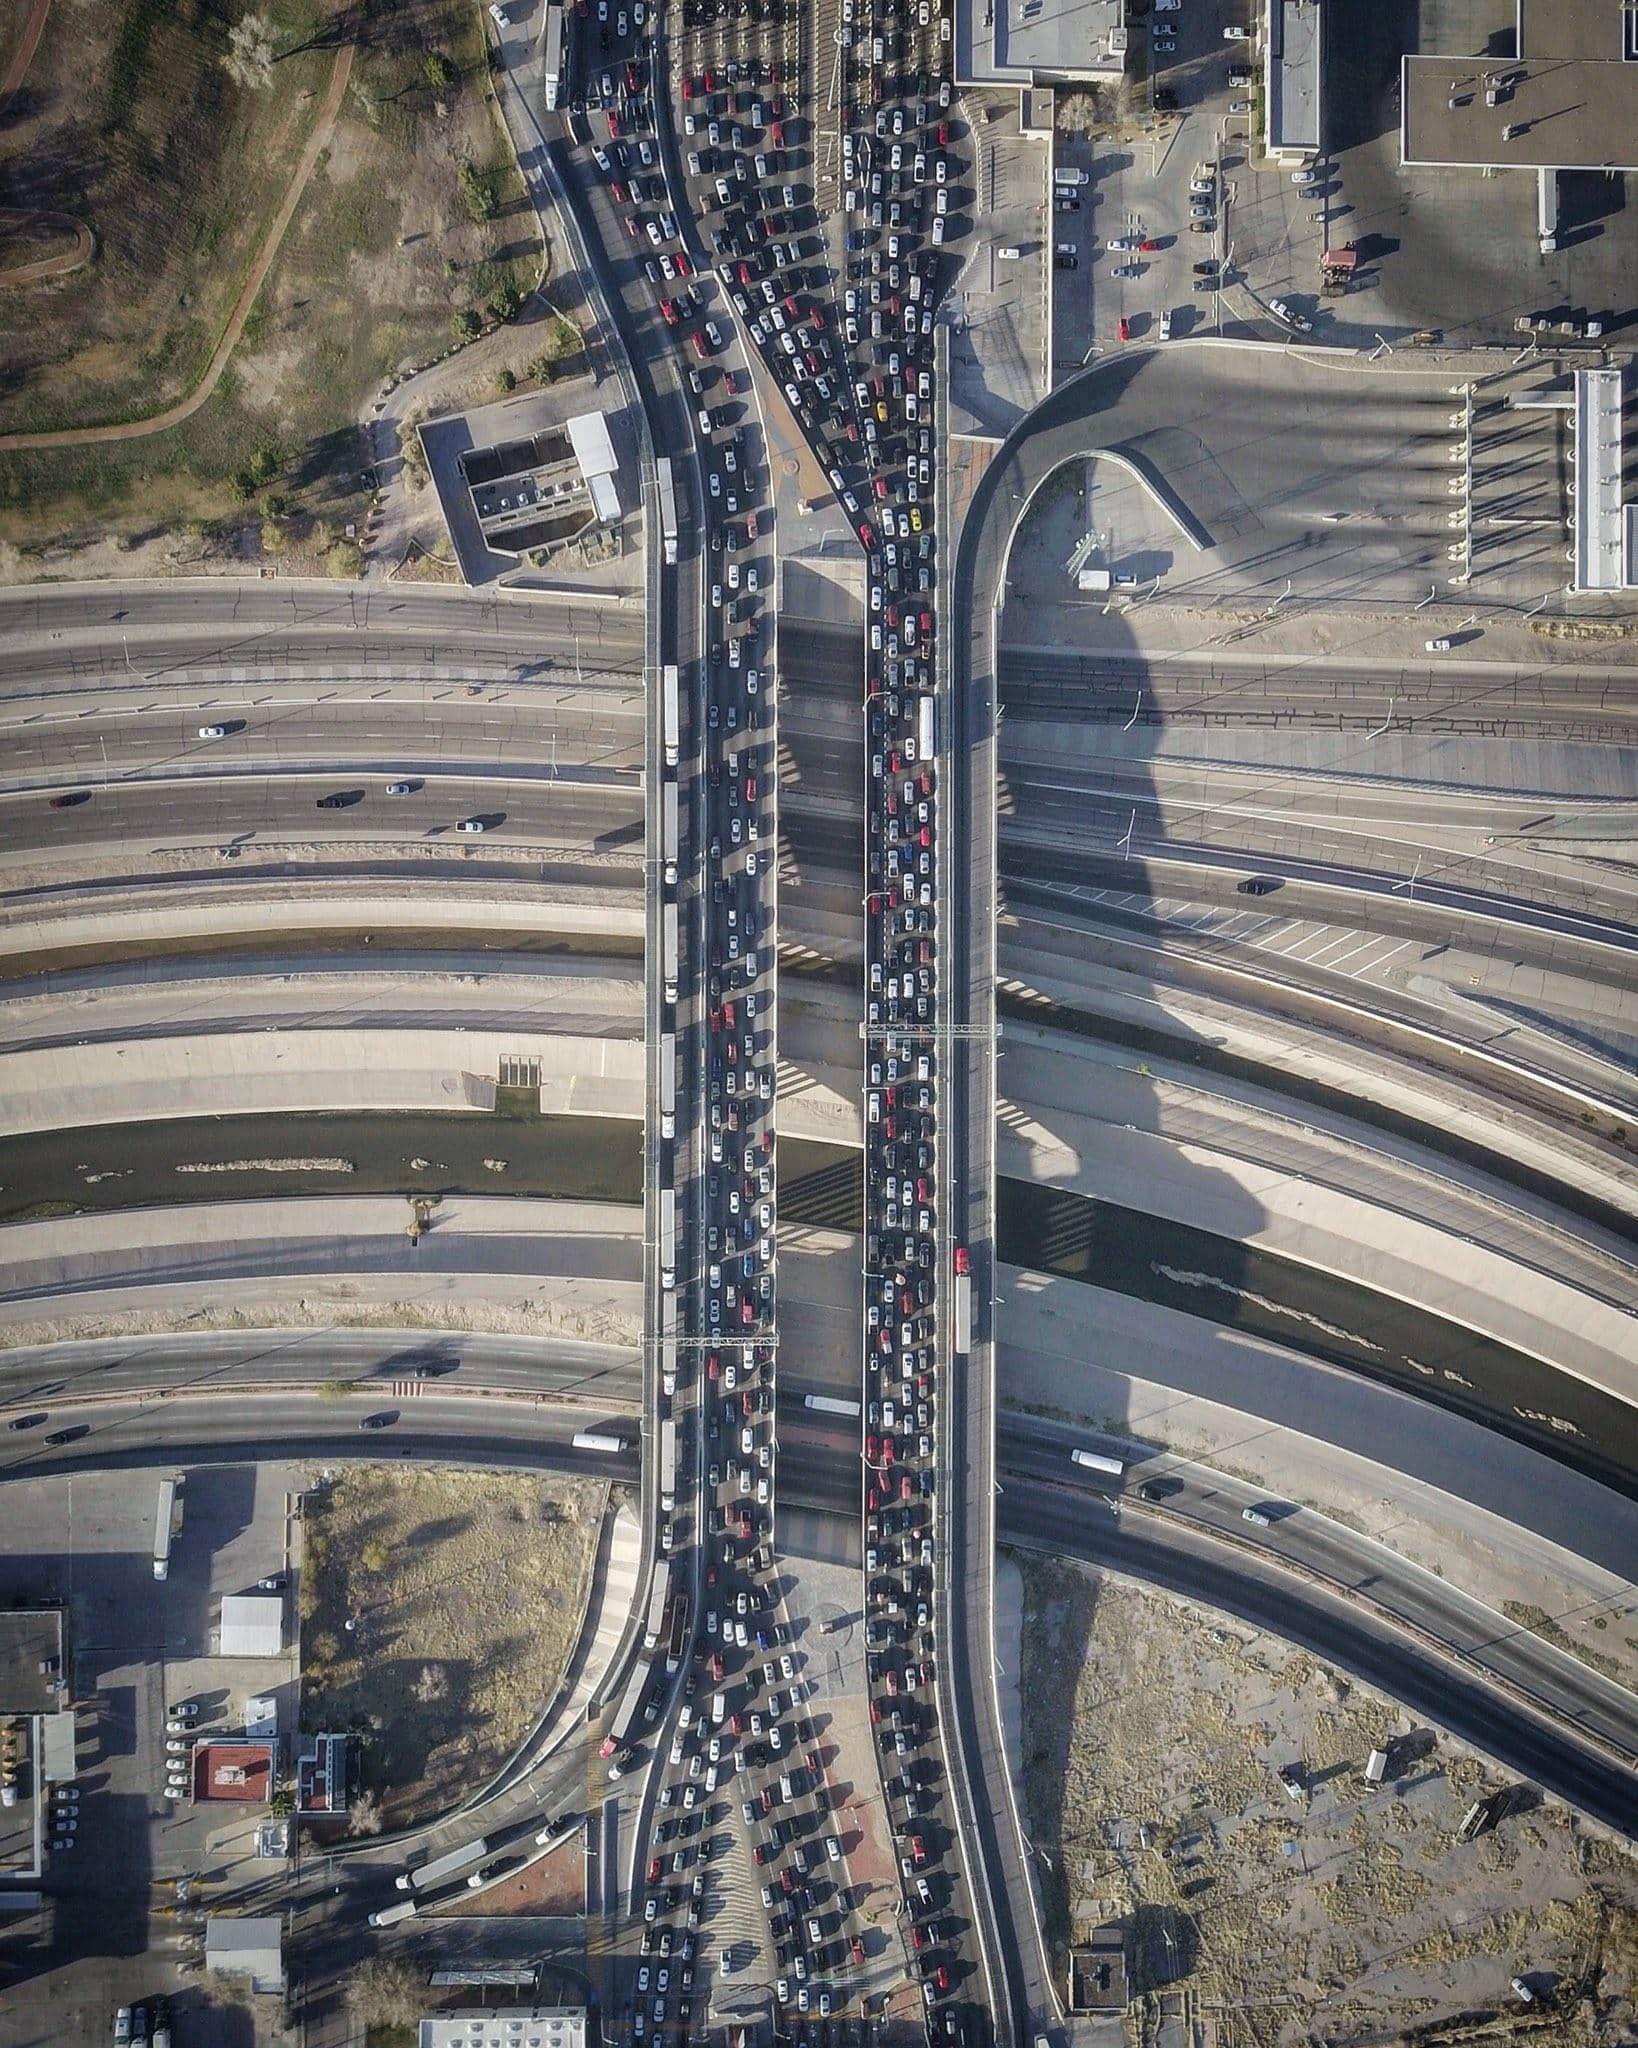 205 Santiago Arau Puente Libre